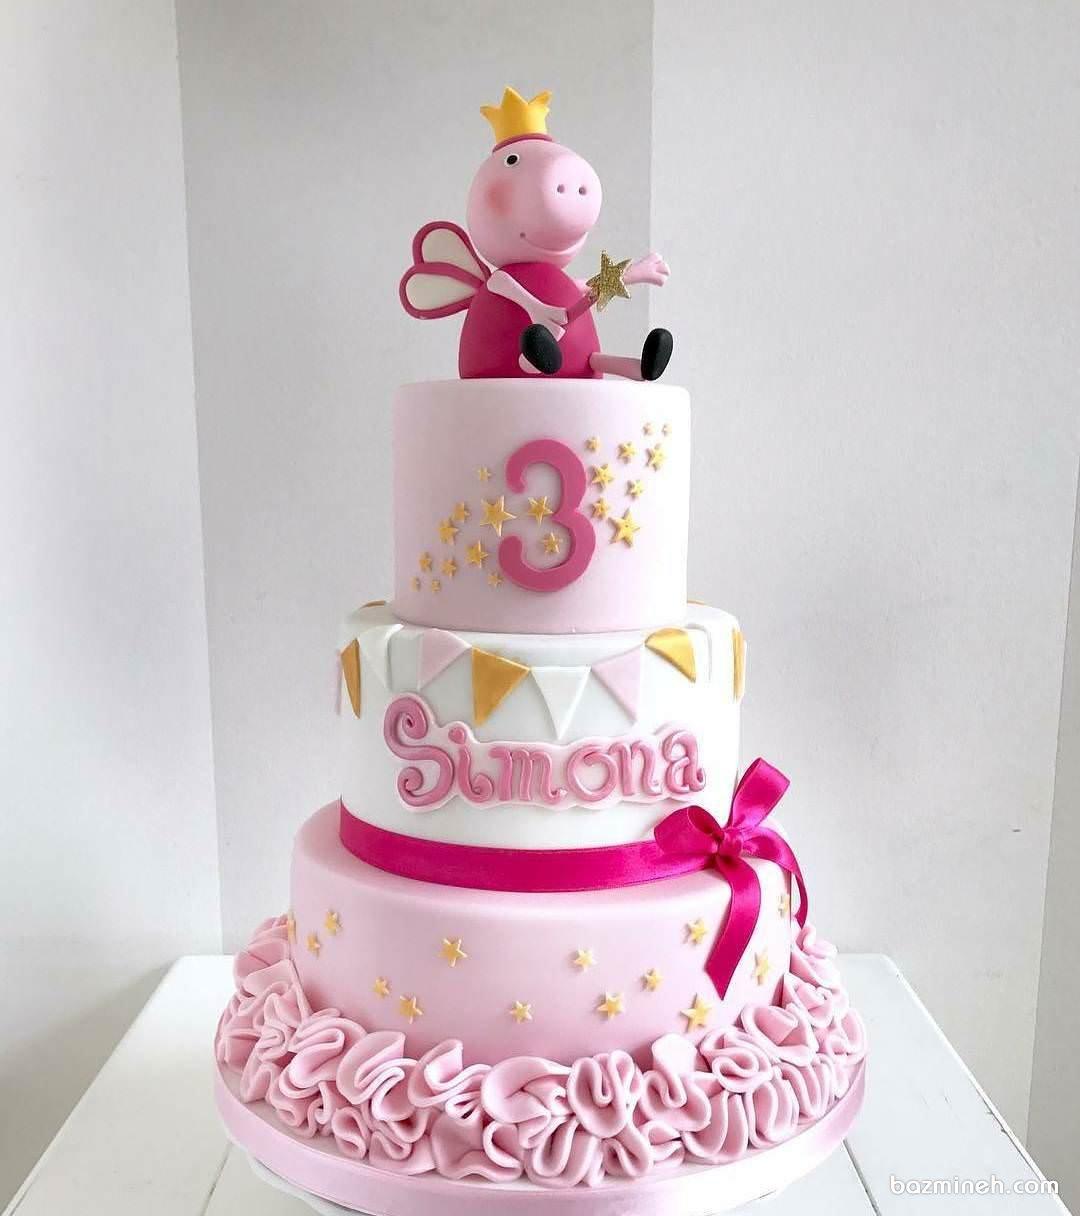 کیک چند طبقه جشن تولد دخترانه با تم پپا پیگ (Peppa Pig)